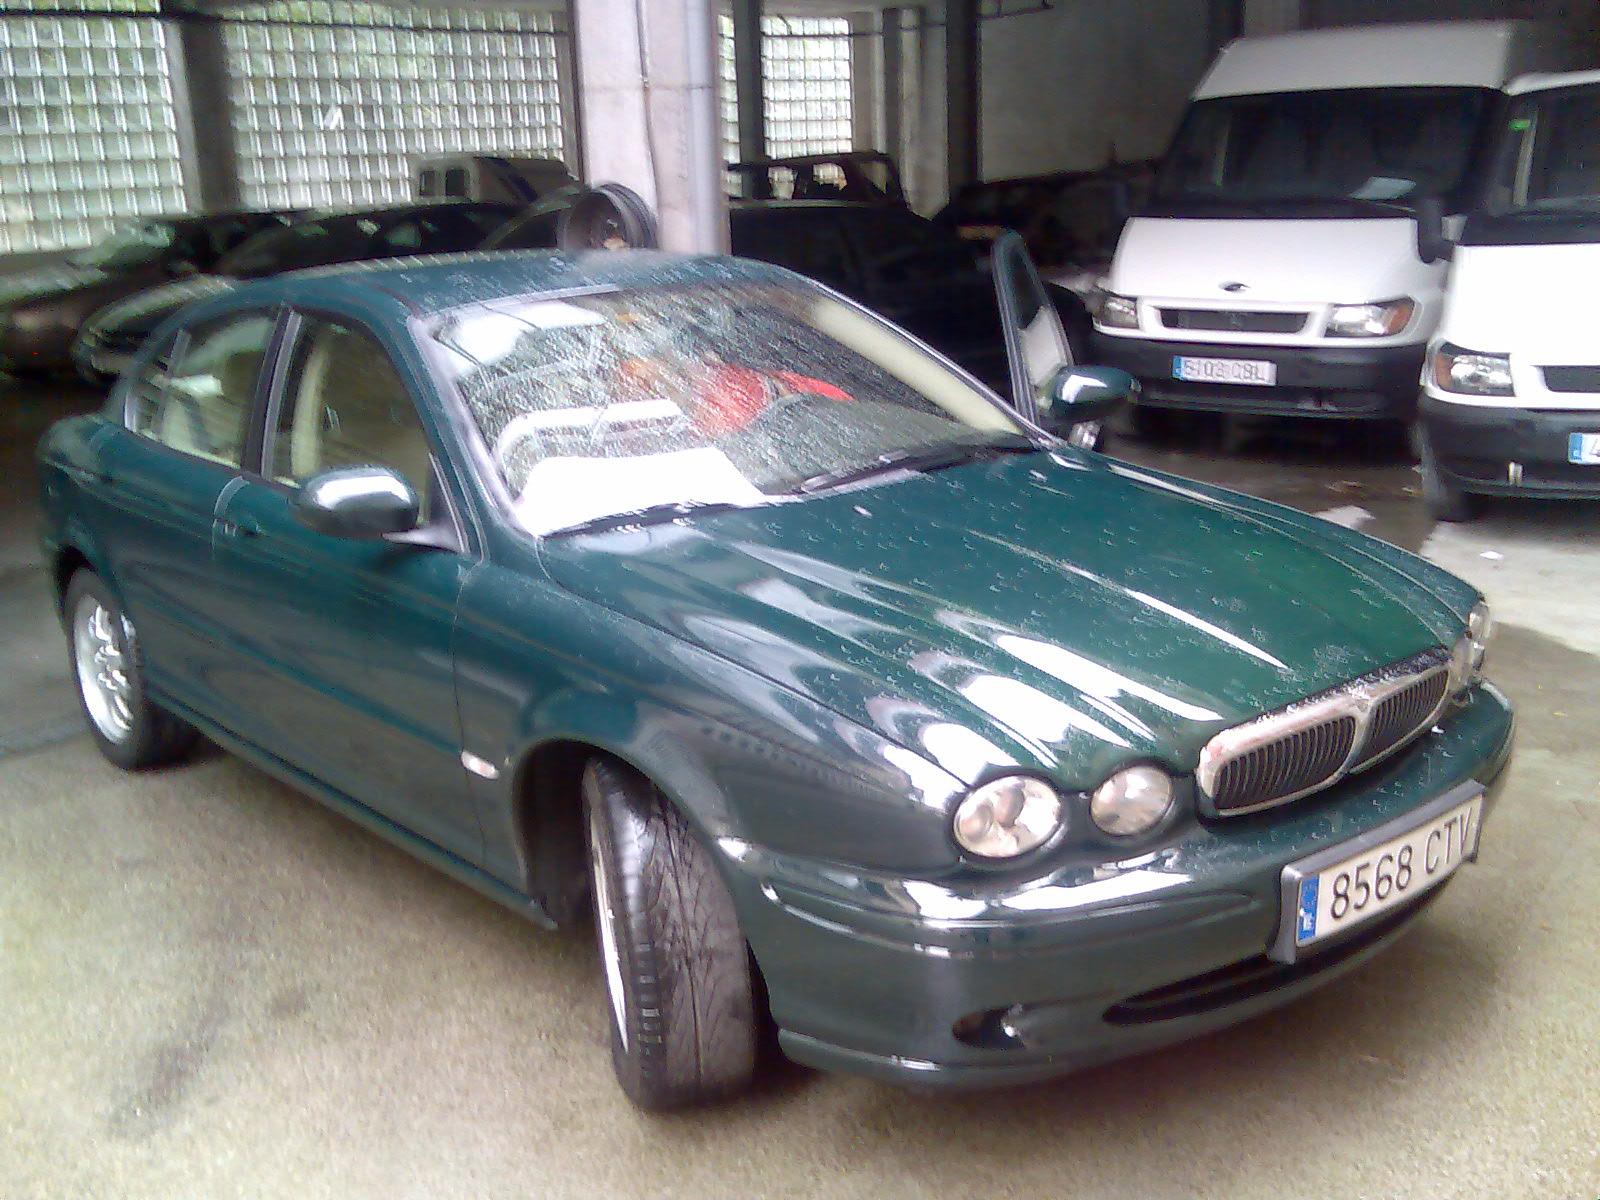 2004 Jaguar X-TYPE - Exterior Pictures - CarGurus